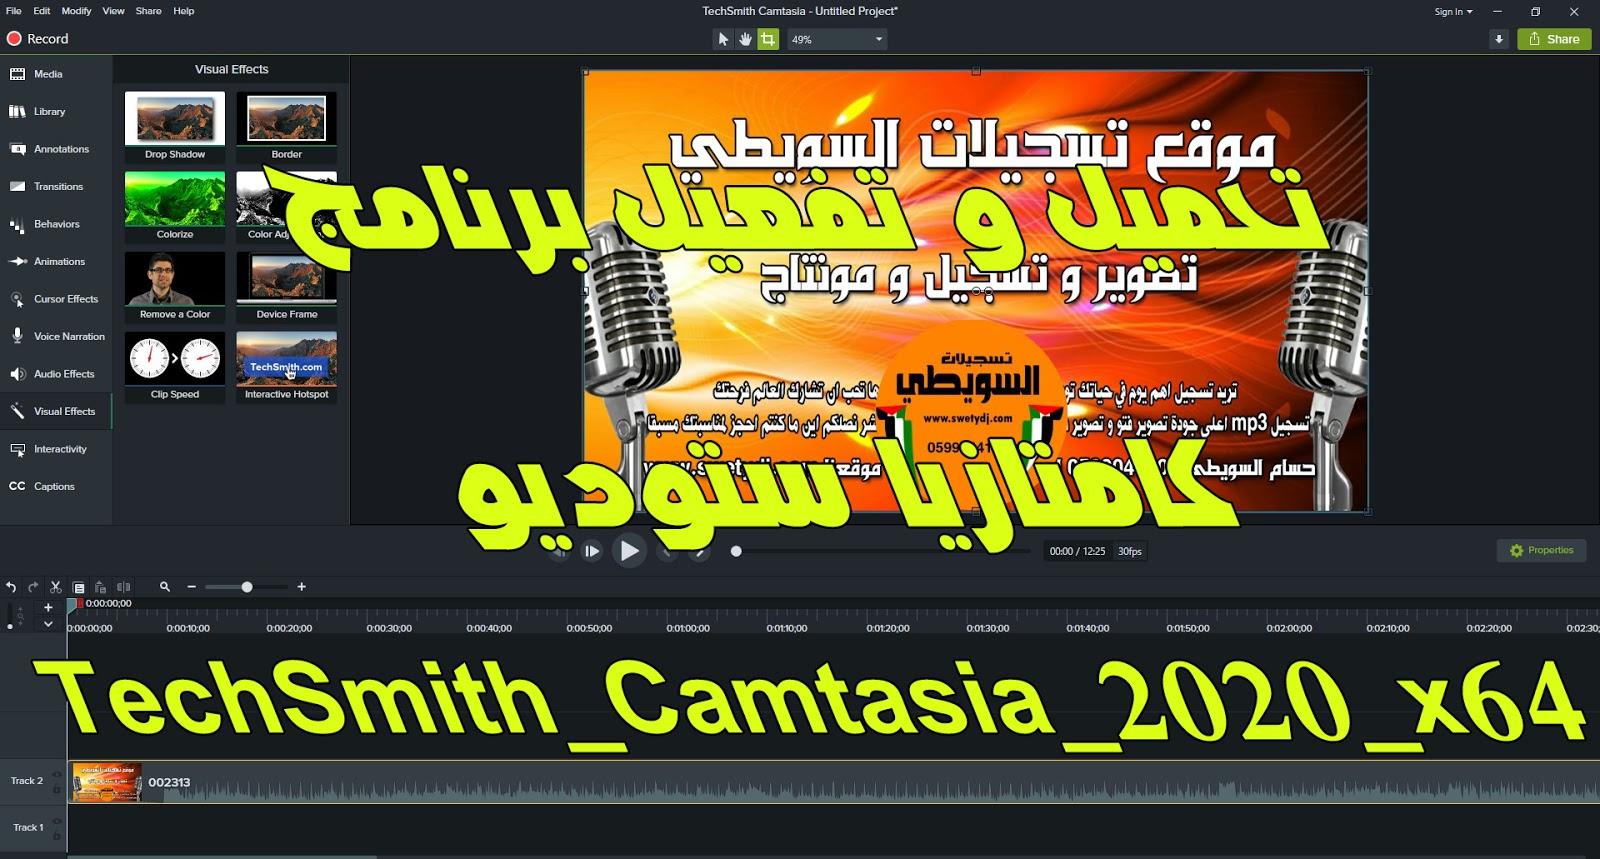 تفعيل برنامج كامتازيا 2021